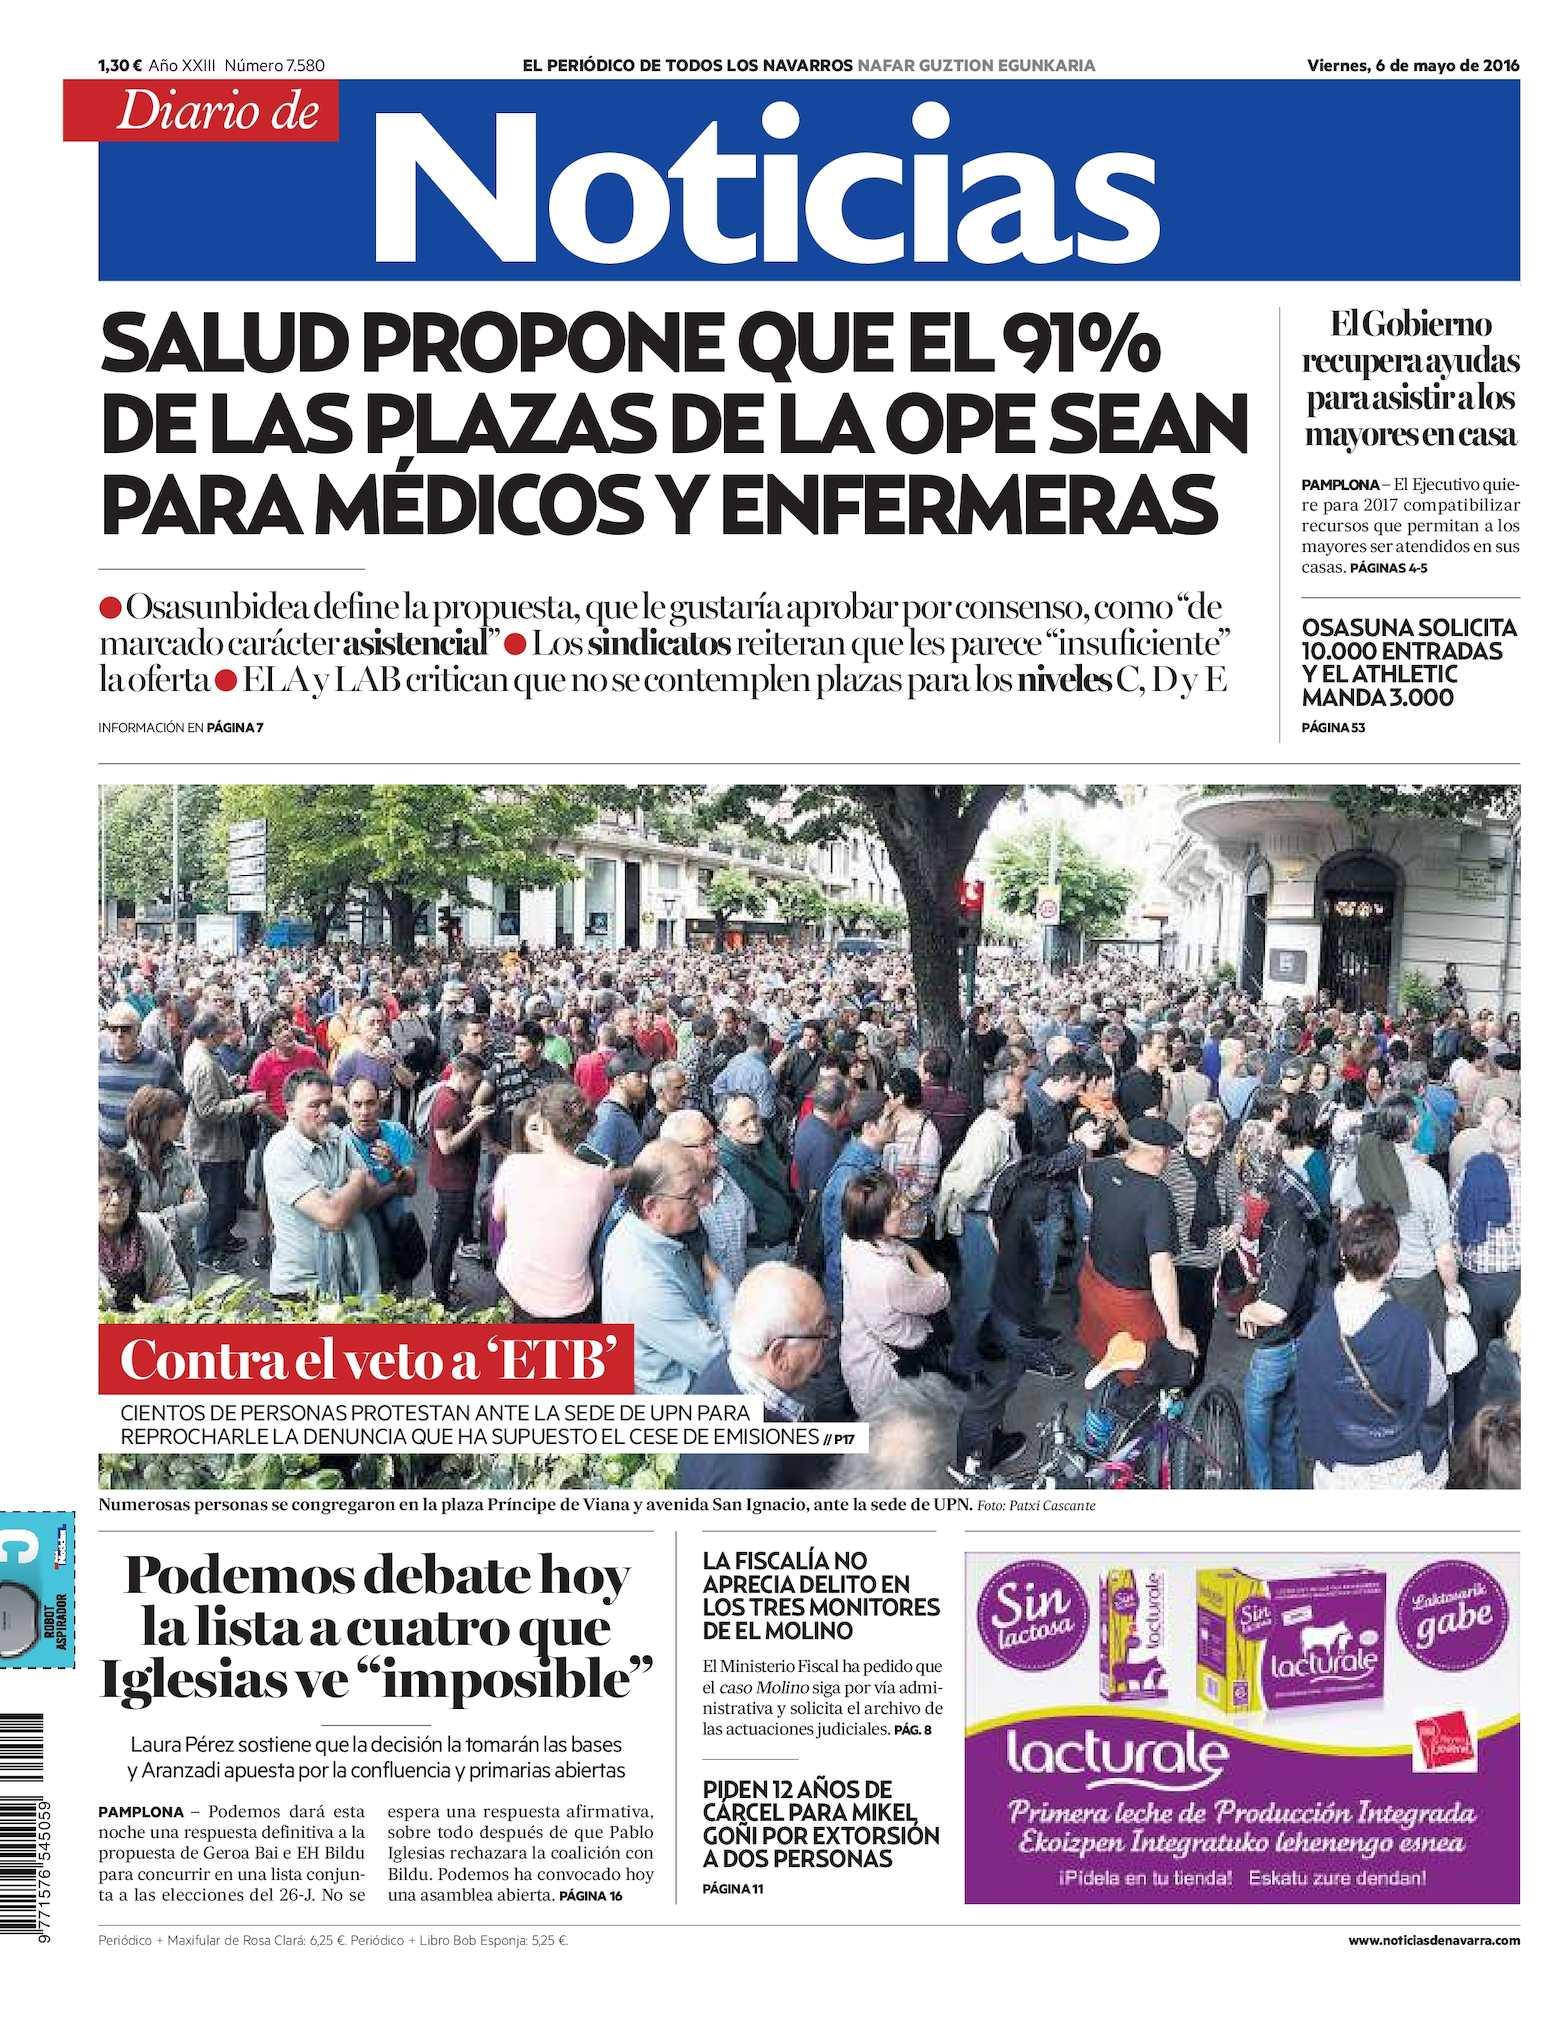 Calaméo - Diario de Noticias 20160506